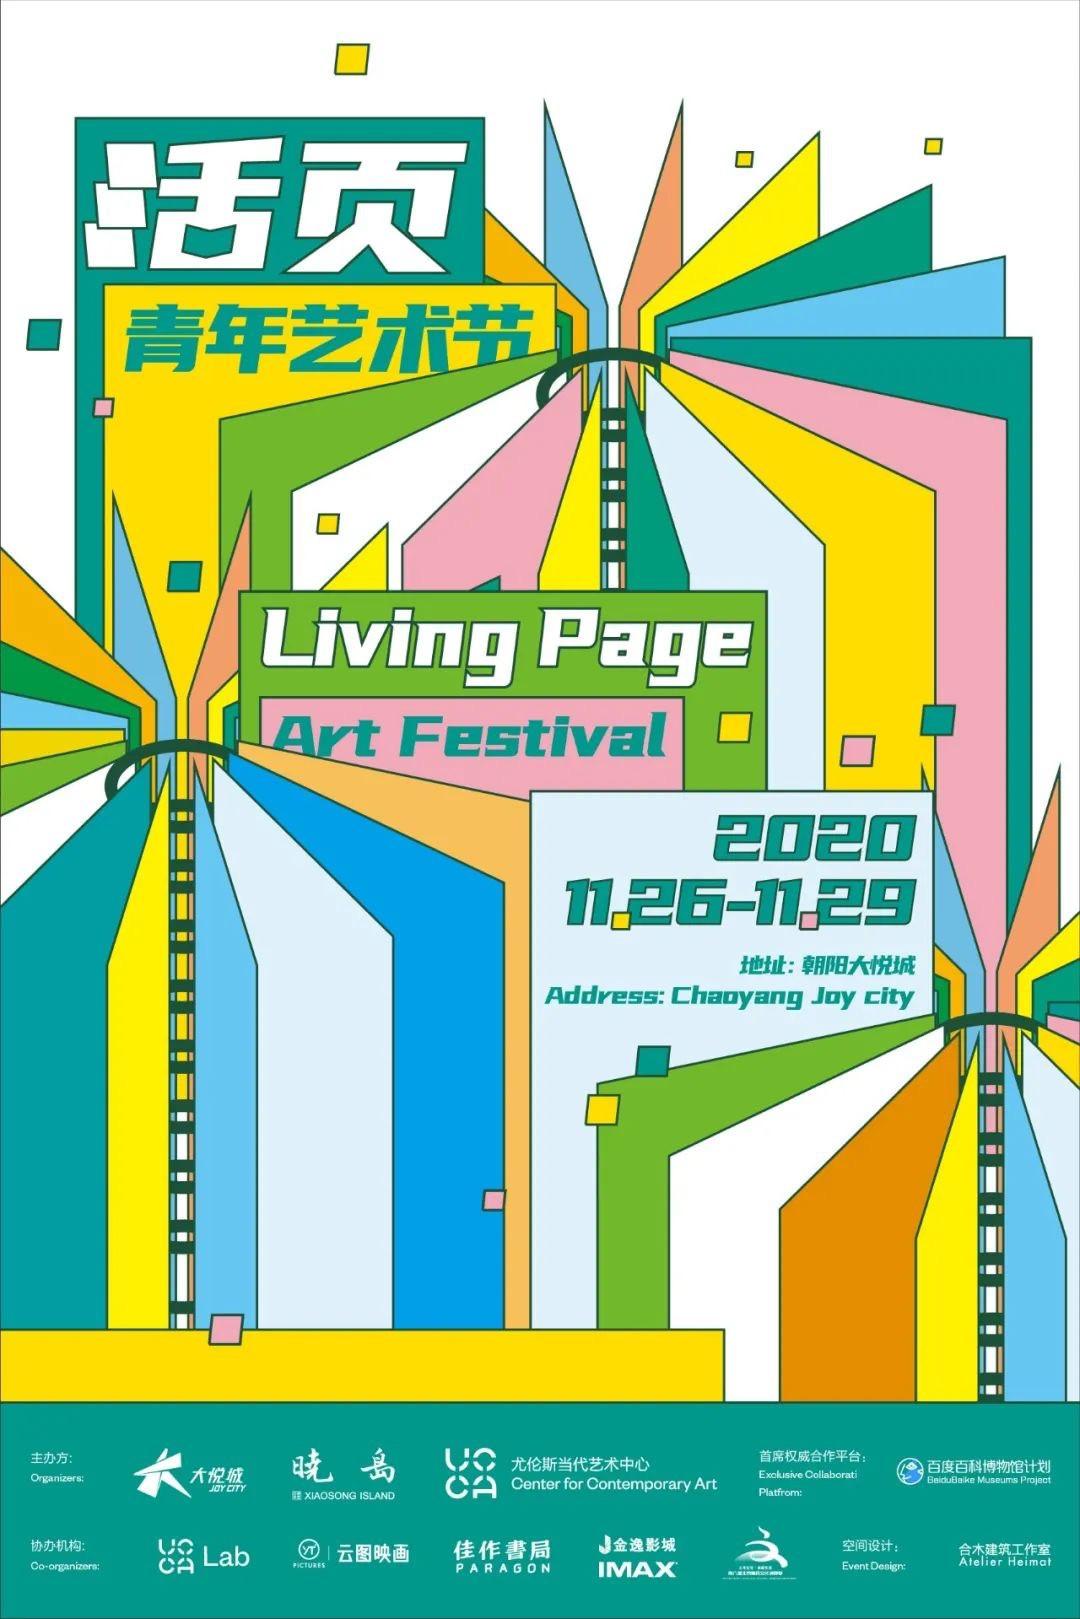 【高晓松、戴锦华、青山周平都会参加的艺术节】活页青年艺术节